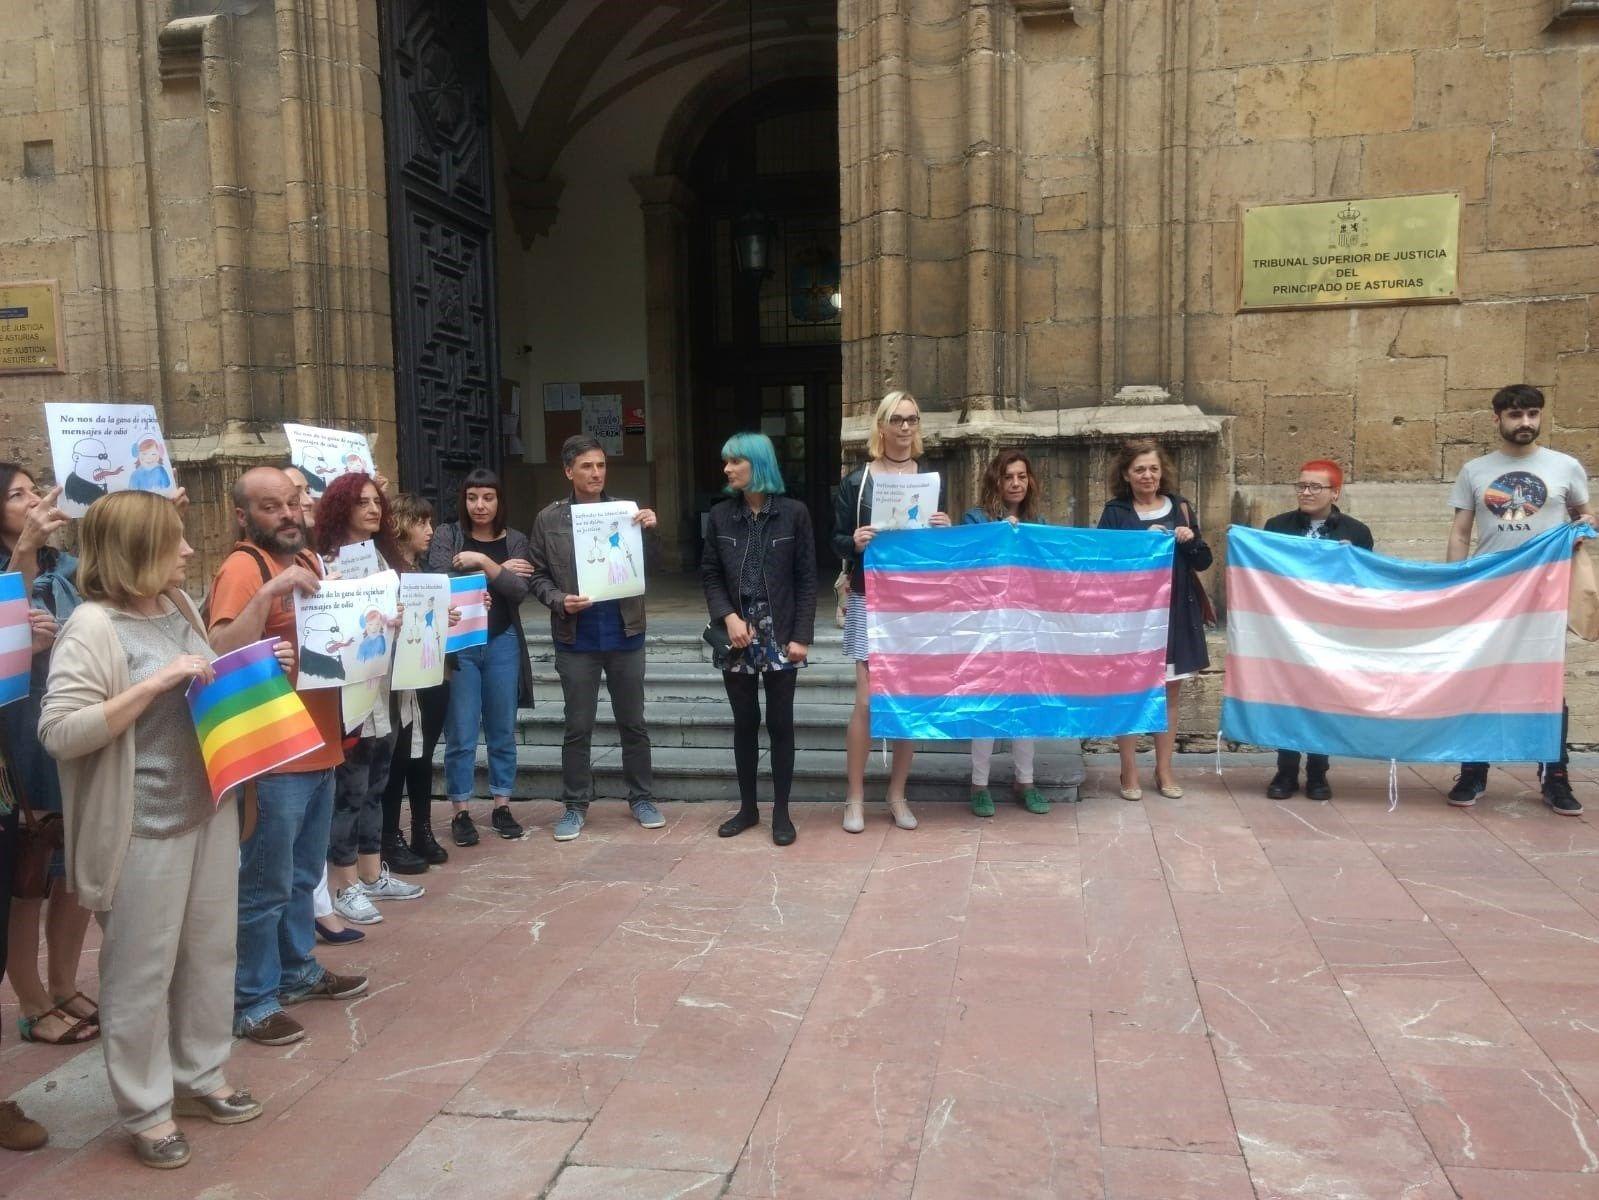 Concentración de apoyo a Berta Rozada